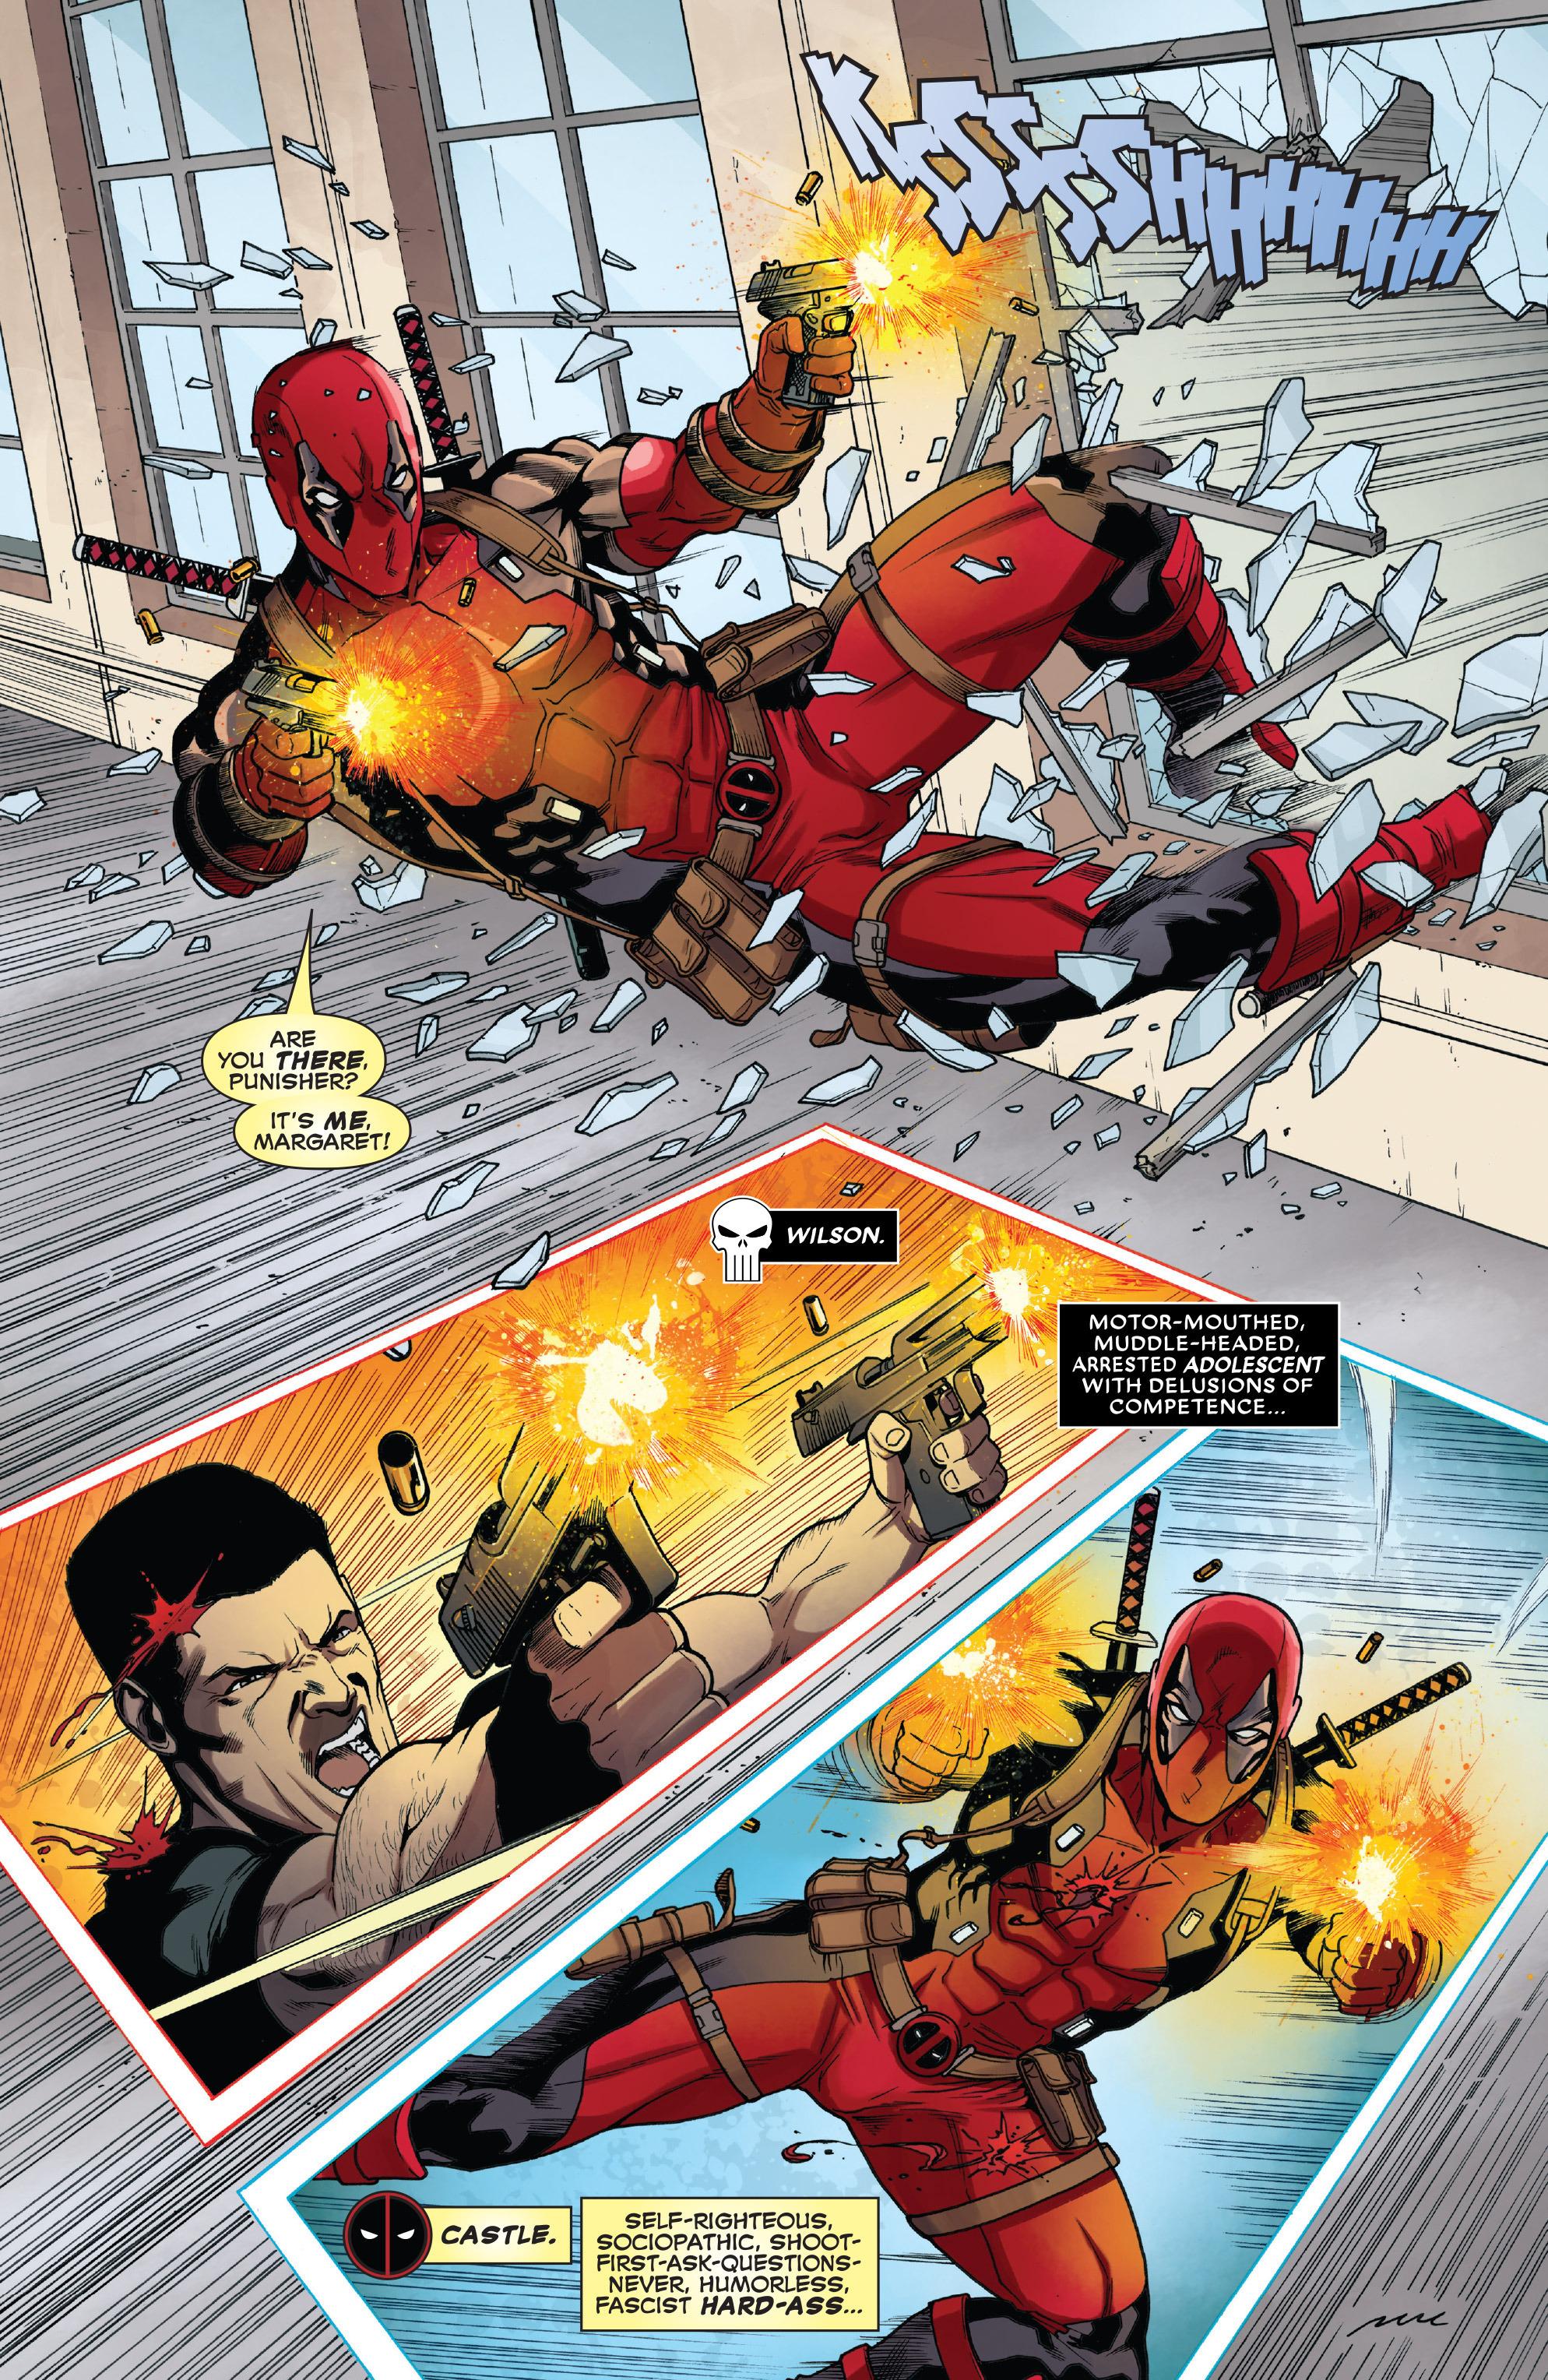 Oldal a Deadpool a megtorló ellen képregényből, amin deadpool rátámad megtorlóra